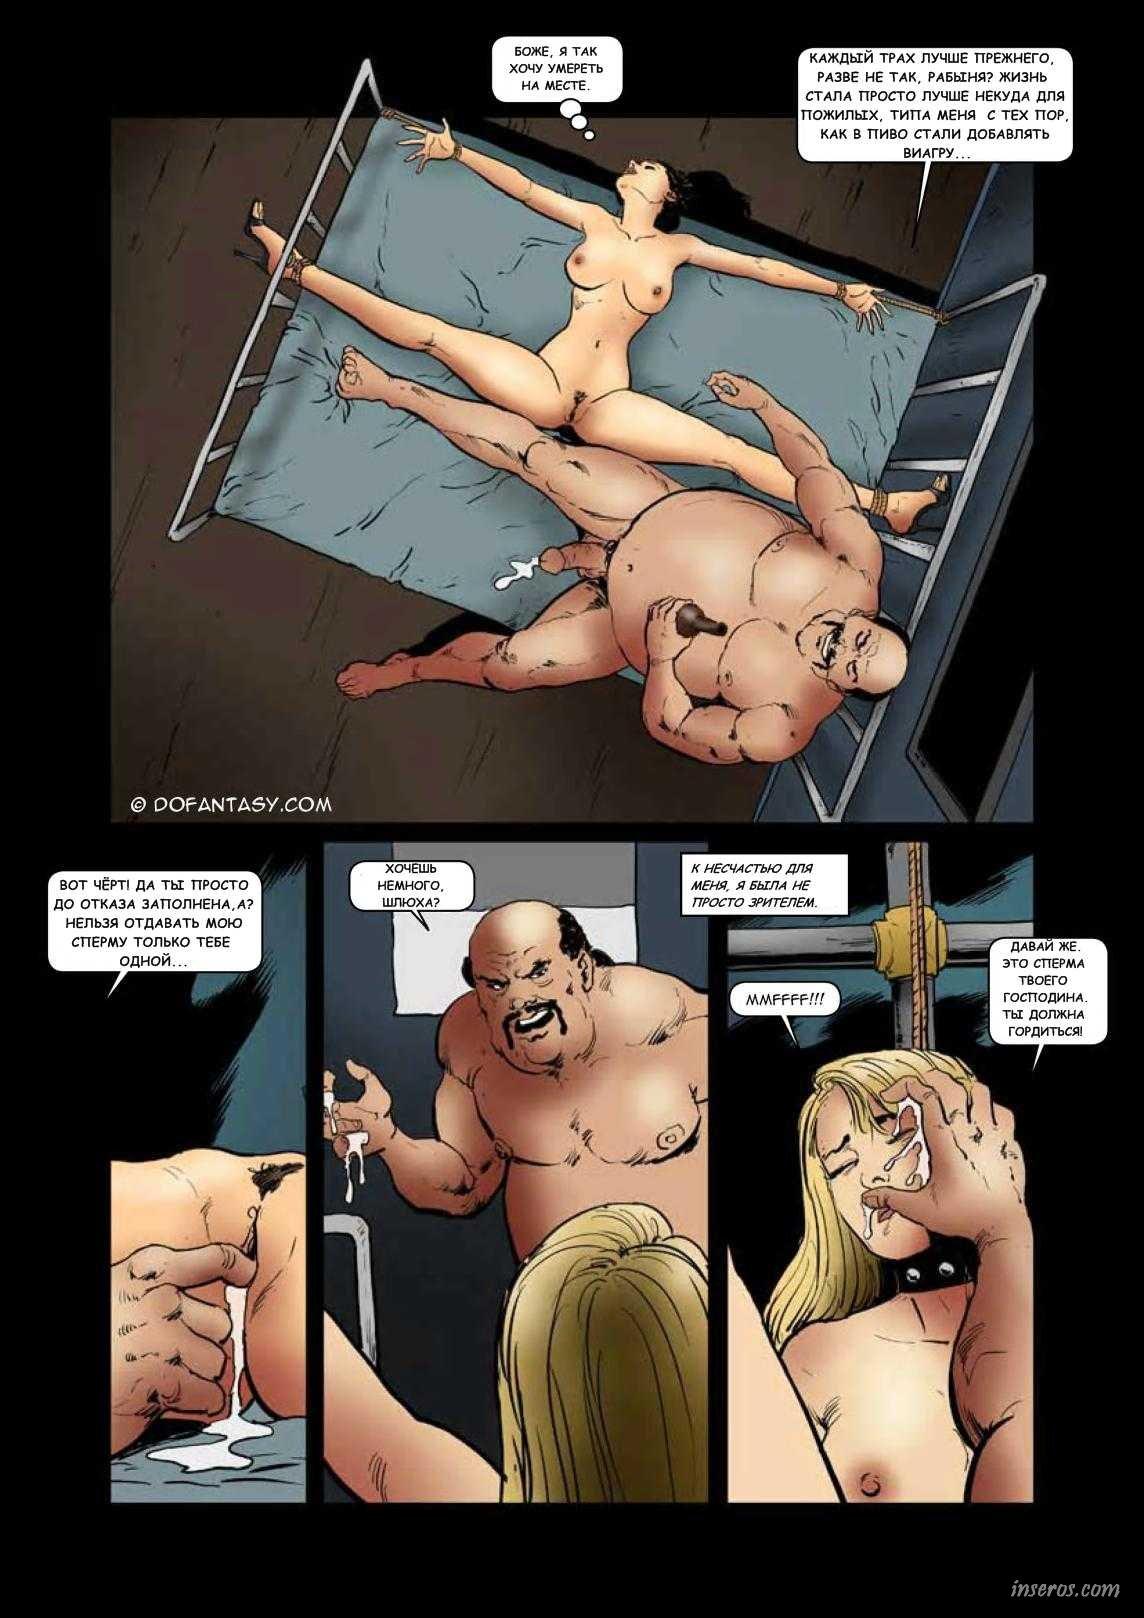 Влюбились порно истории жесть ее, негодующие